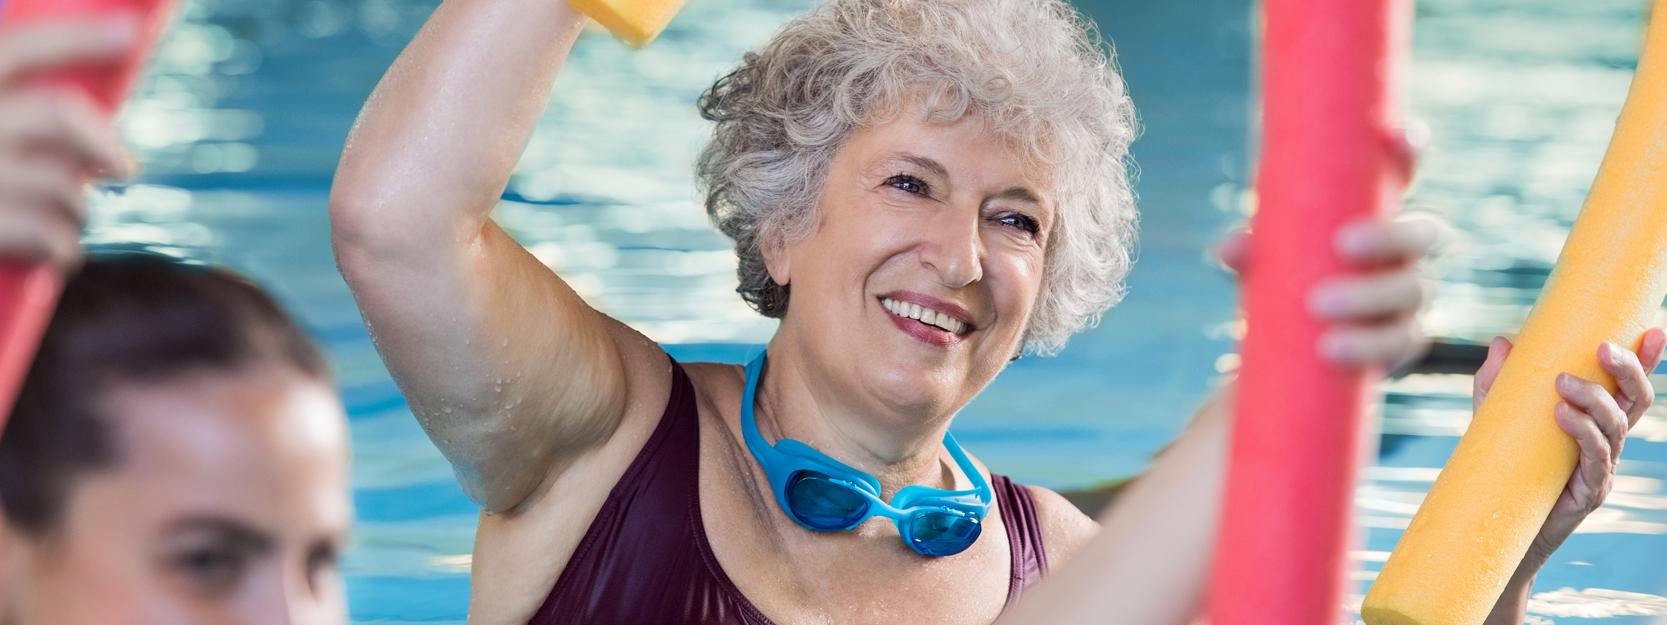 aquaDucks | AquaFit for Seniors - Private Swimming Lessons